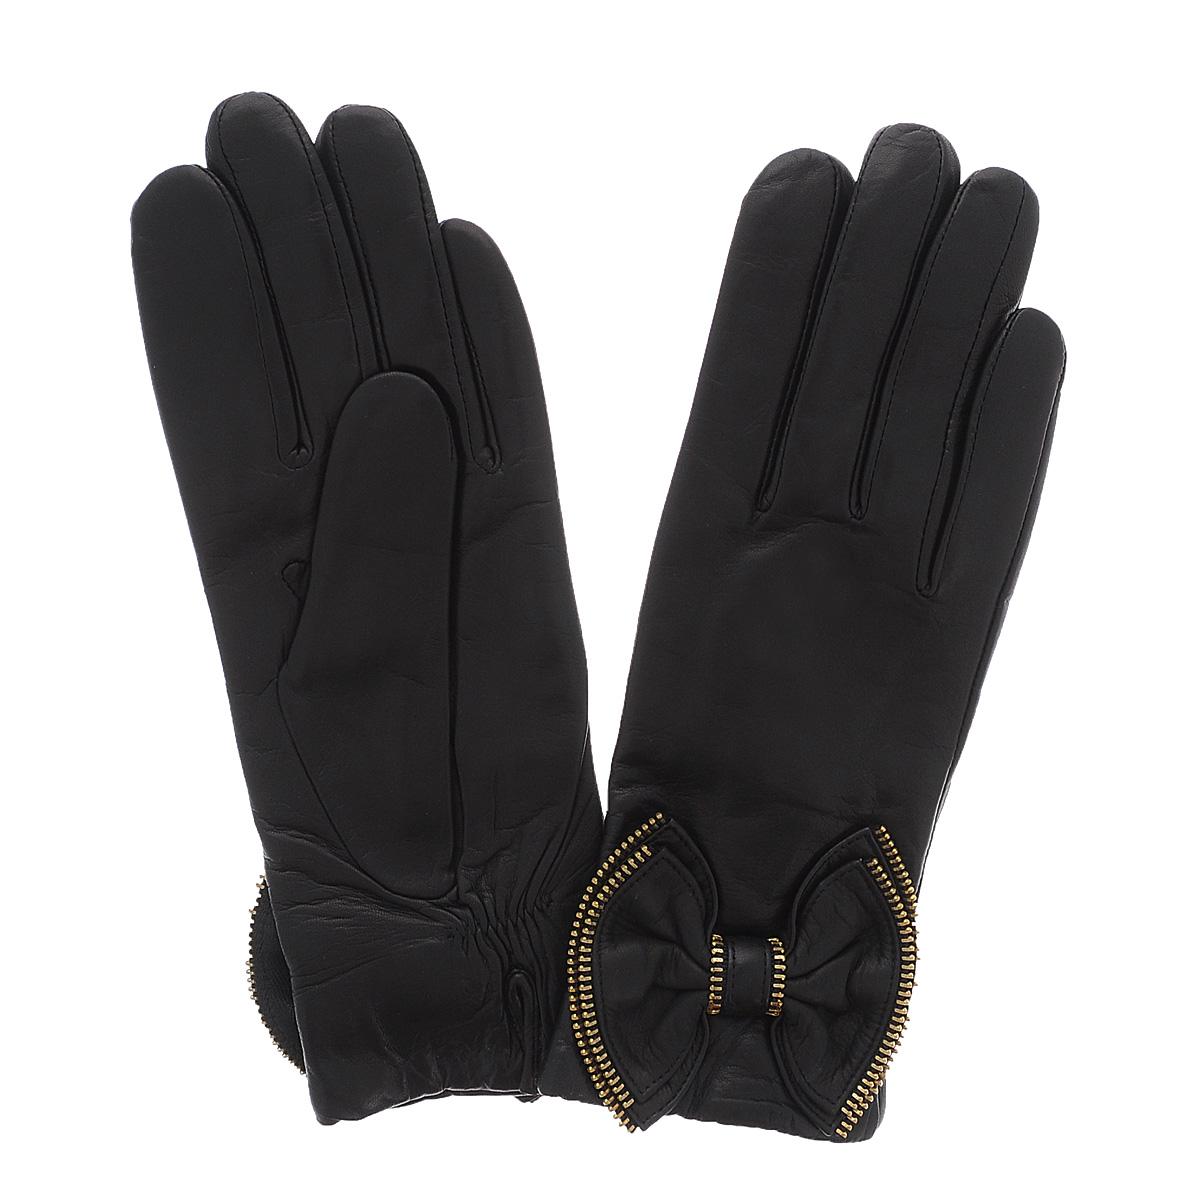 Перчатки женские Dali Exclusive, цвет: черный. 11_ZORE/BL. Размер 6,511_ZORE/BLСтильные перчатки Dali Exclusive с подкладкой из шерсти выполнены из мягкой и приятной на ощупь натуральной кожи ягненка.Лицевая сторона декорирована бантиками с отделкой металлической молнией. На манжете с внутренней стороны предусмотрен небольшой разрез. Такие перчатки подчеркнут ваш стиль и неповторимость и придадут всему образу нотки женственности и элегантности.